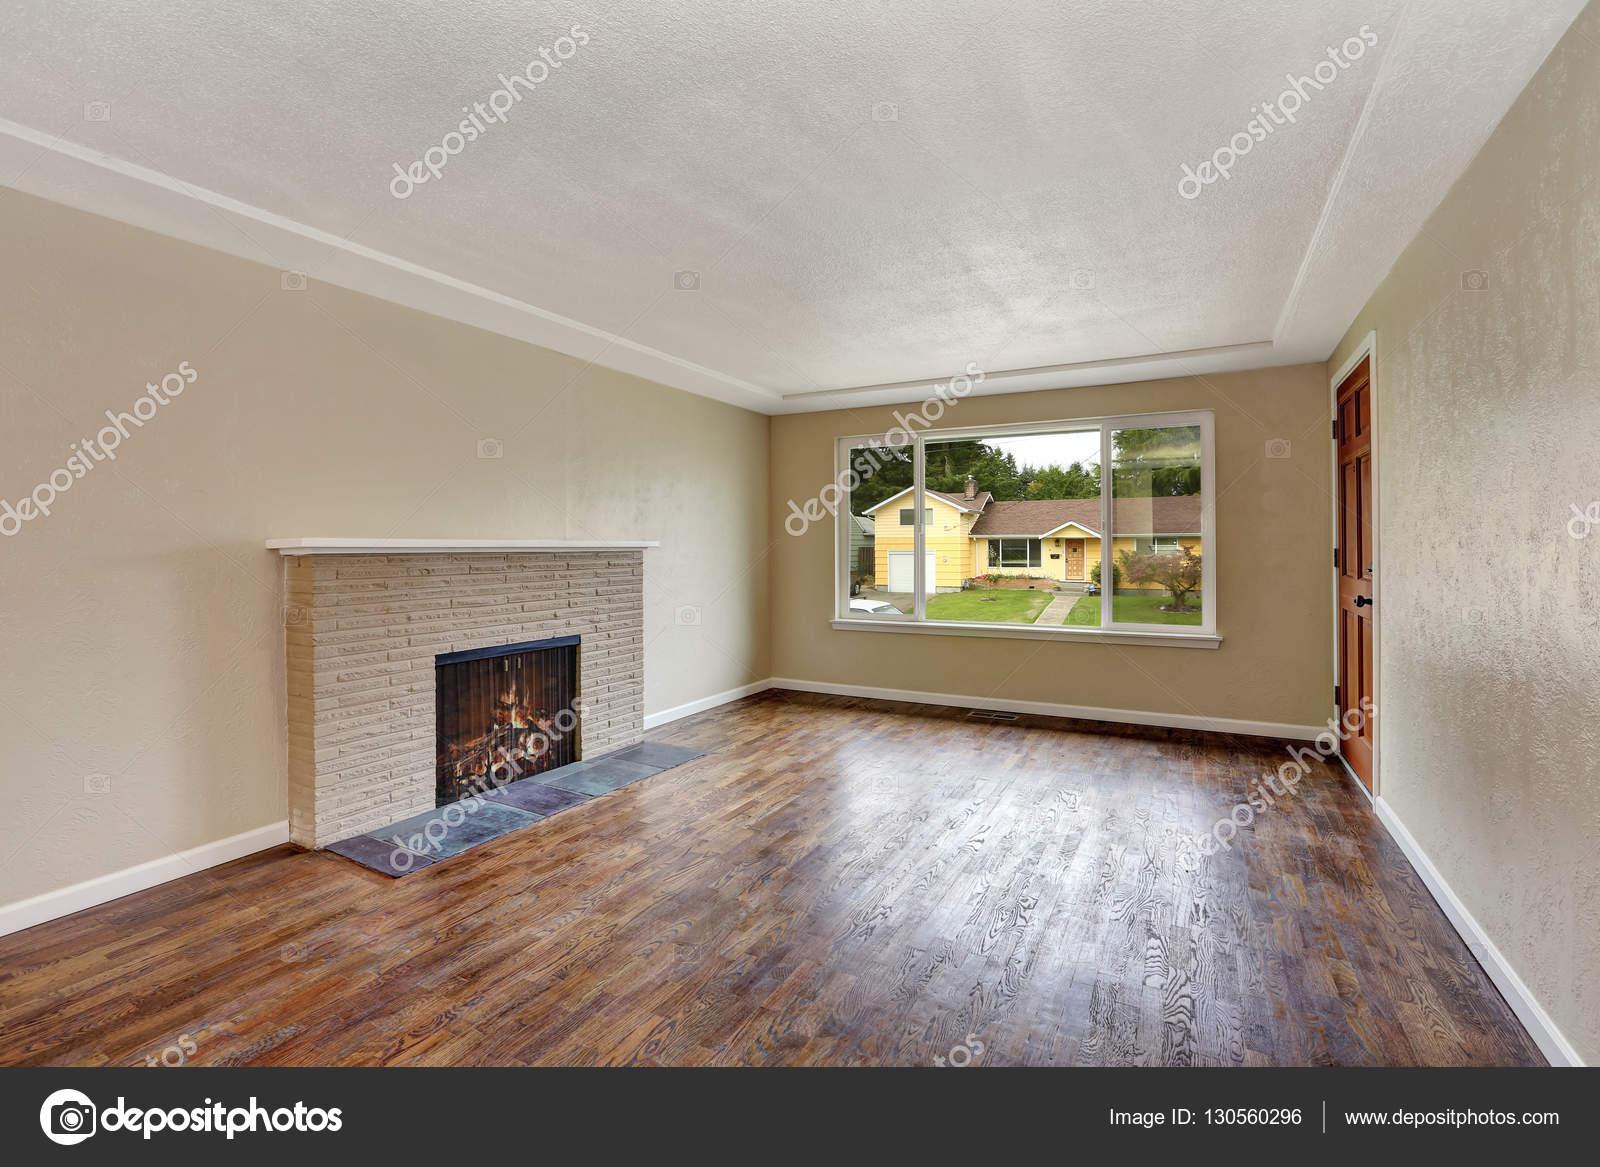 Non meublé salon beige dans la maison vide — Photographie iriana88w ...